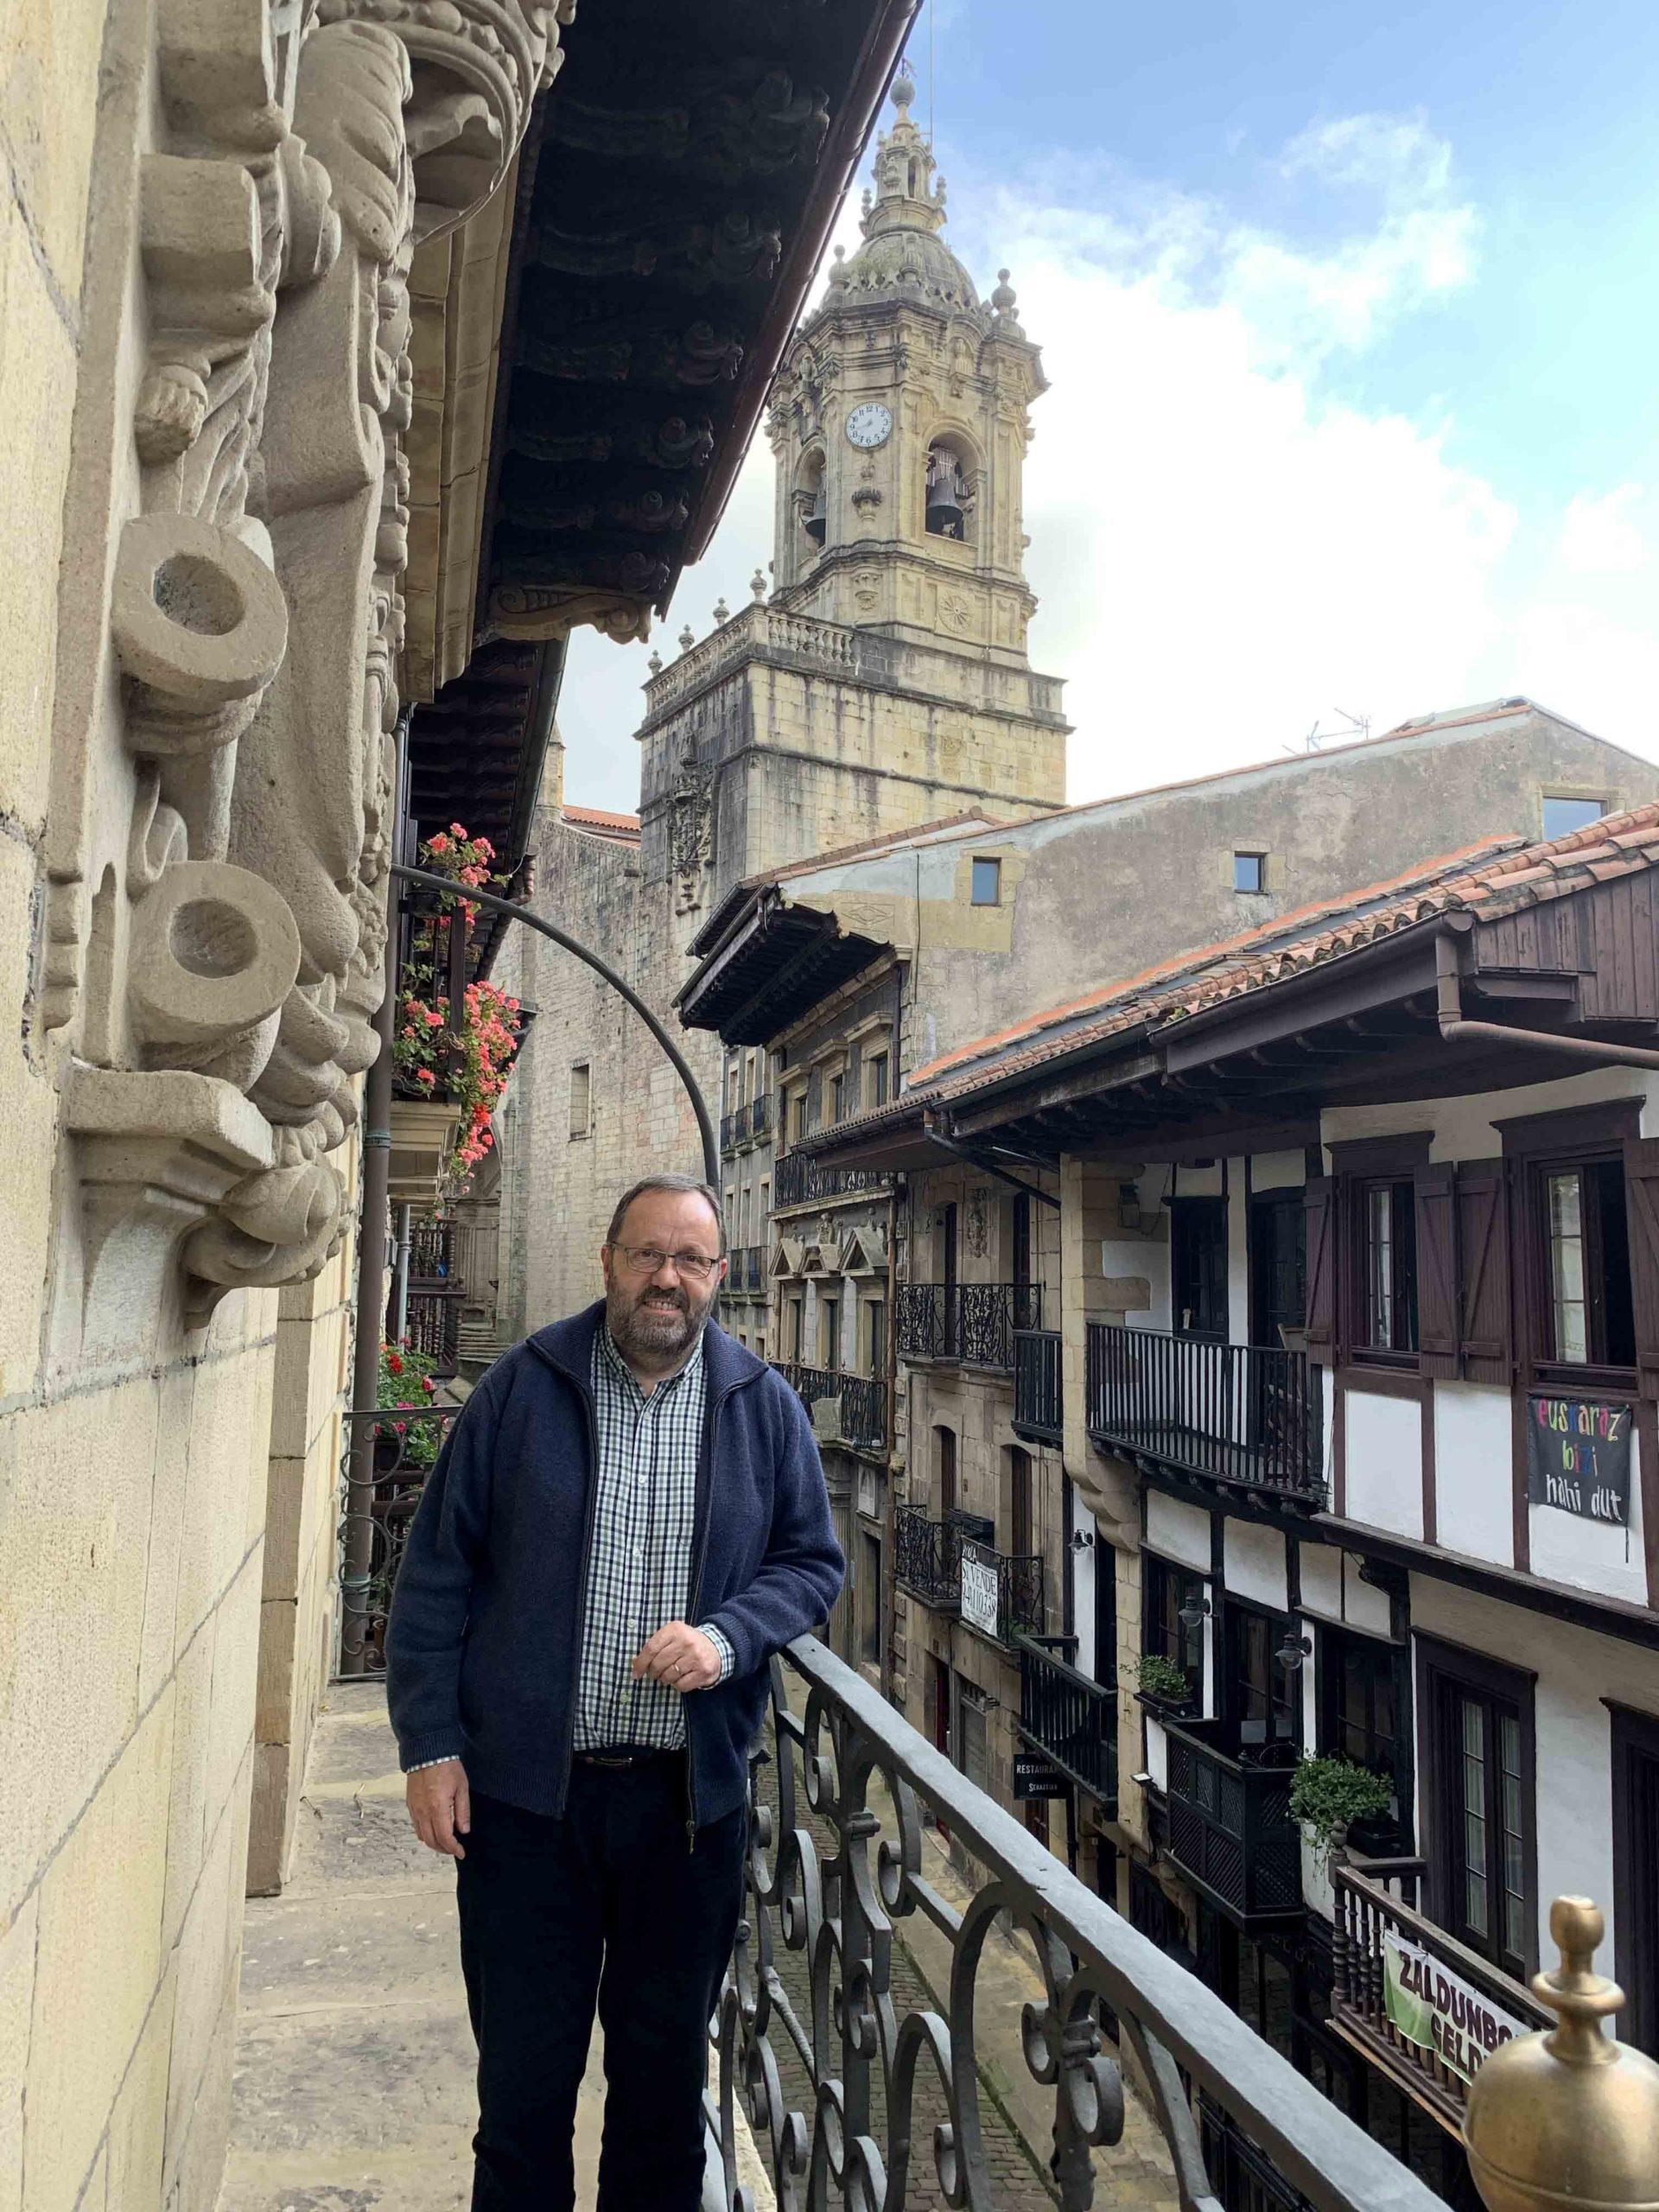 La Red de Ciudades y Villas Medievales cumple sus primeros 15 años en 2021